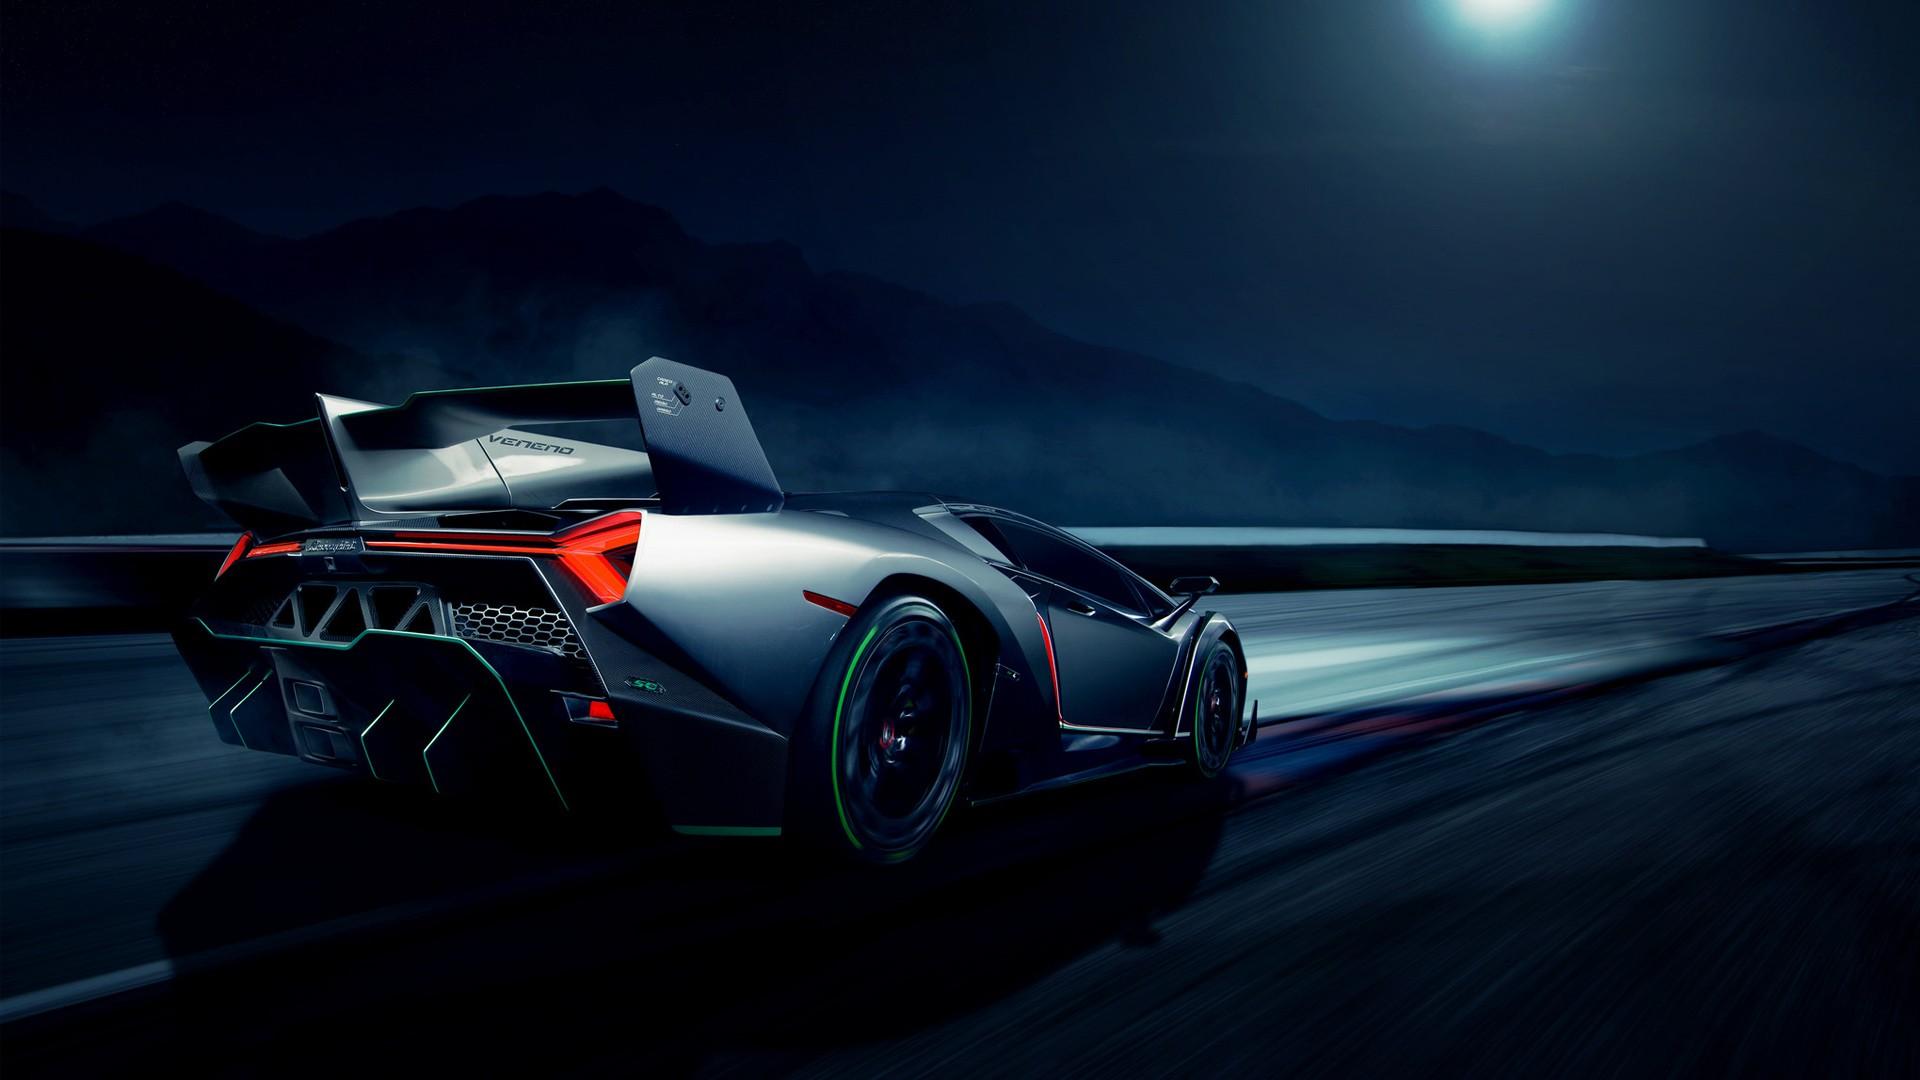 Lamborghini Veneno Supercar 2 Wallpaper Hd Car